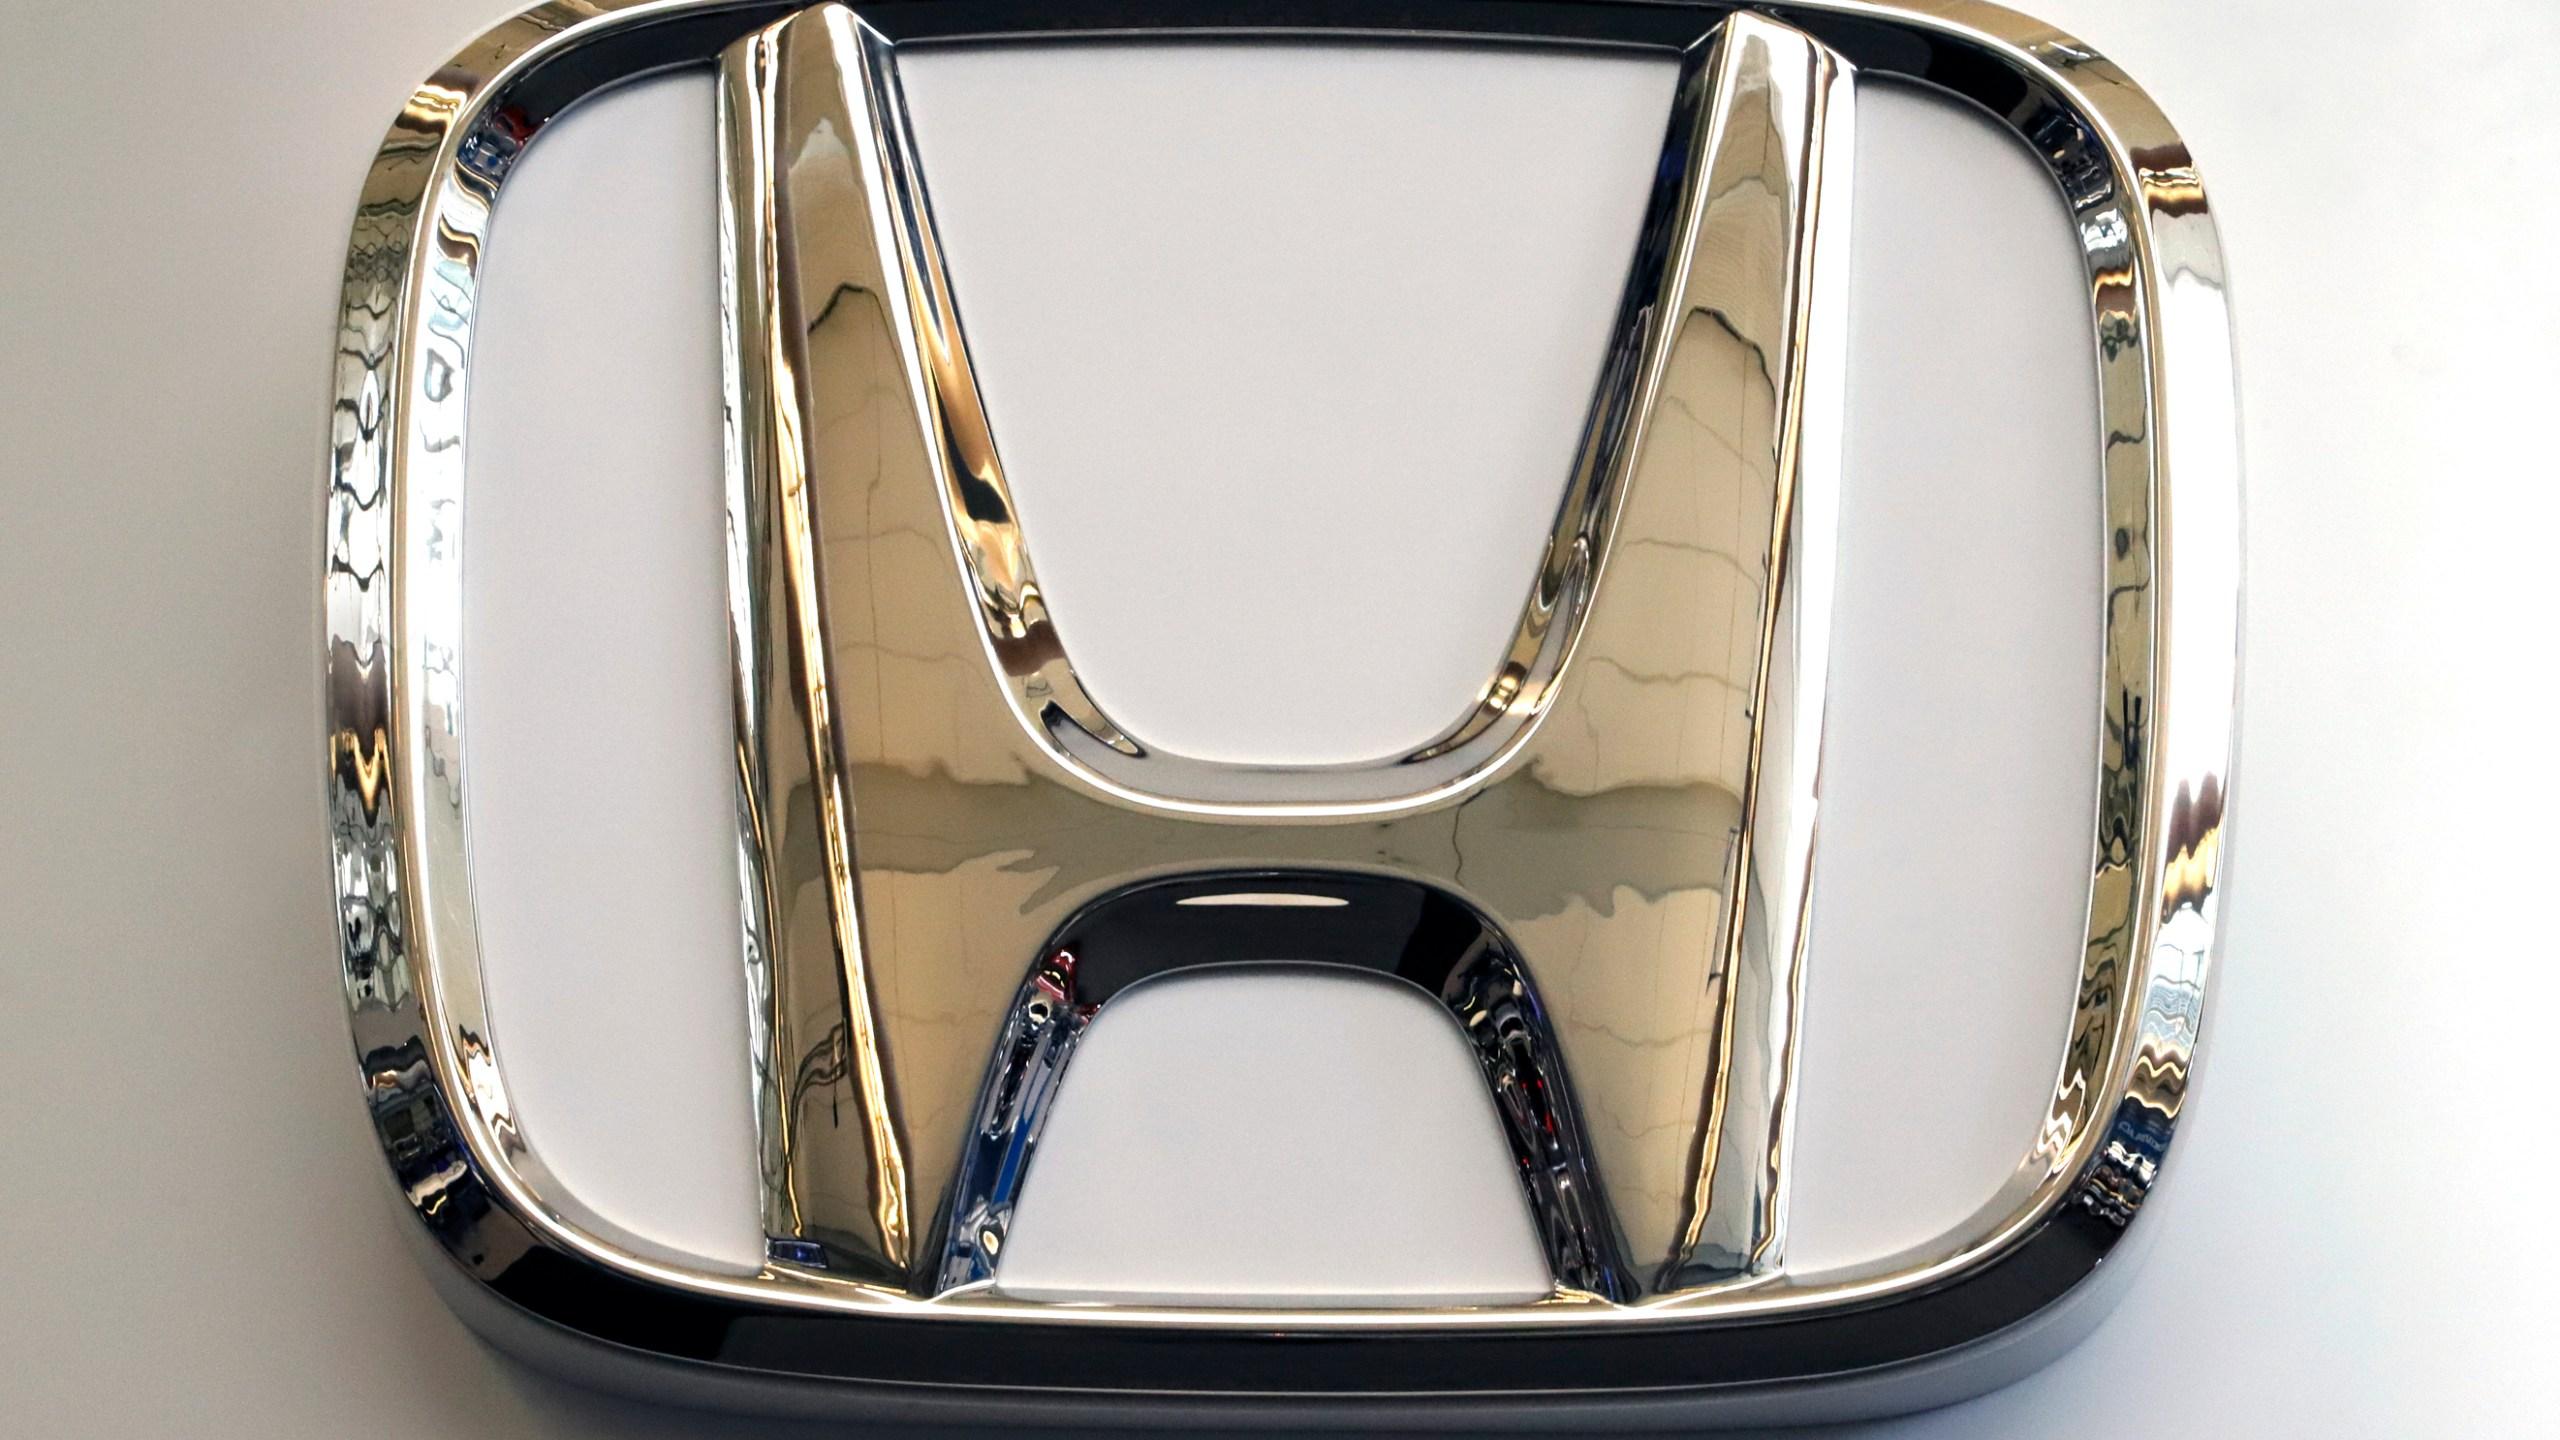 Honda_Air_Bag_Recall_25167-159532.jpg25482670